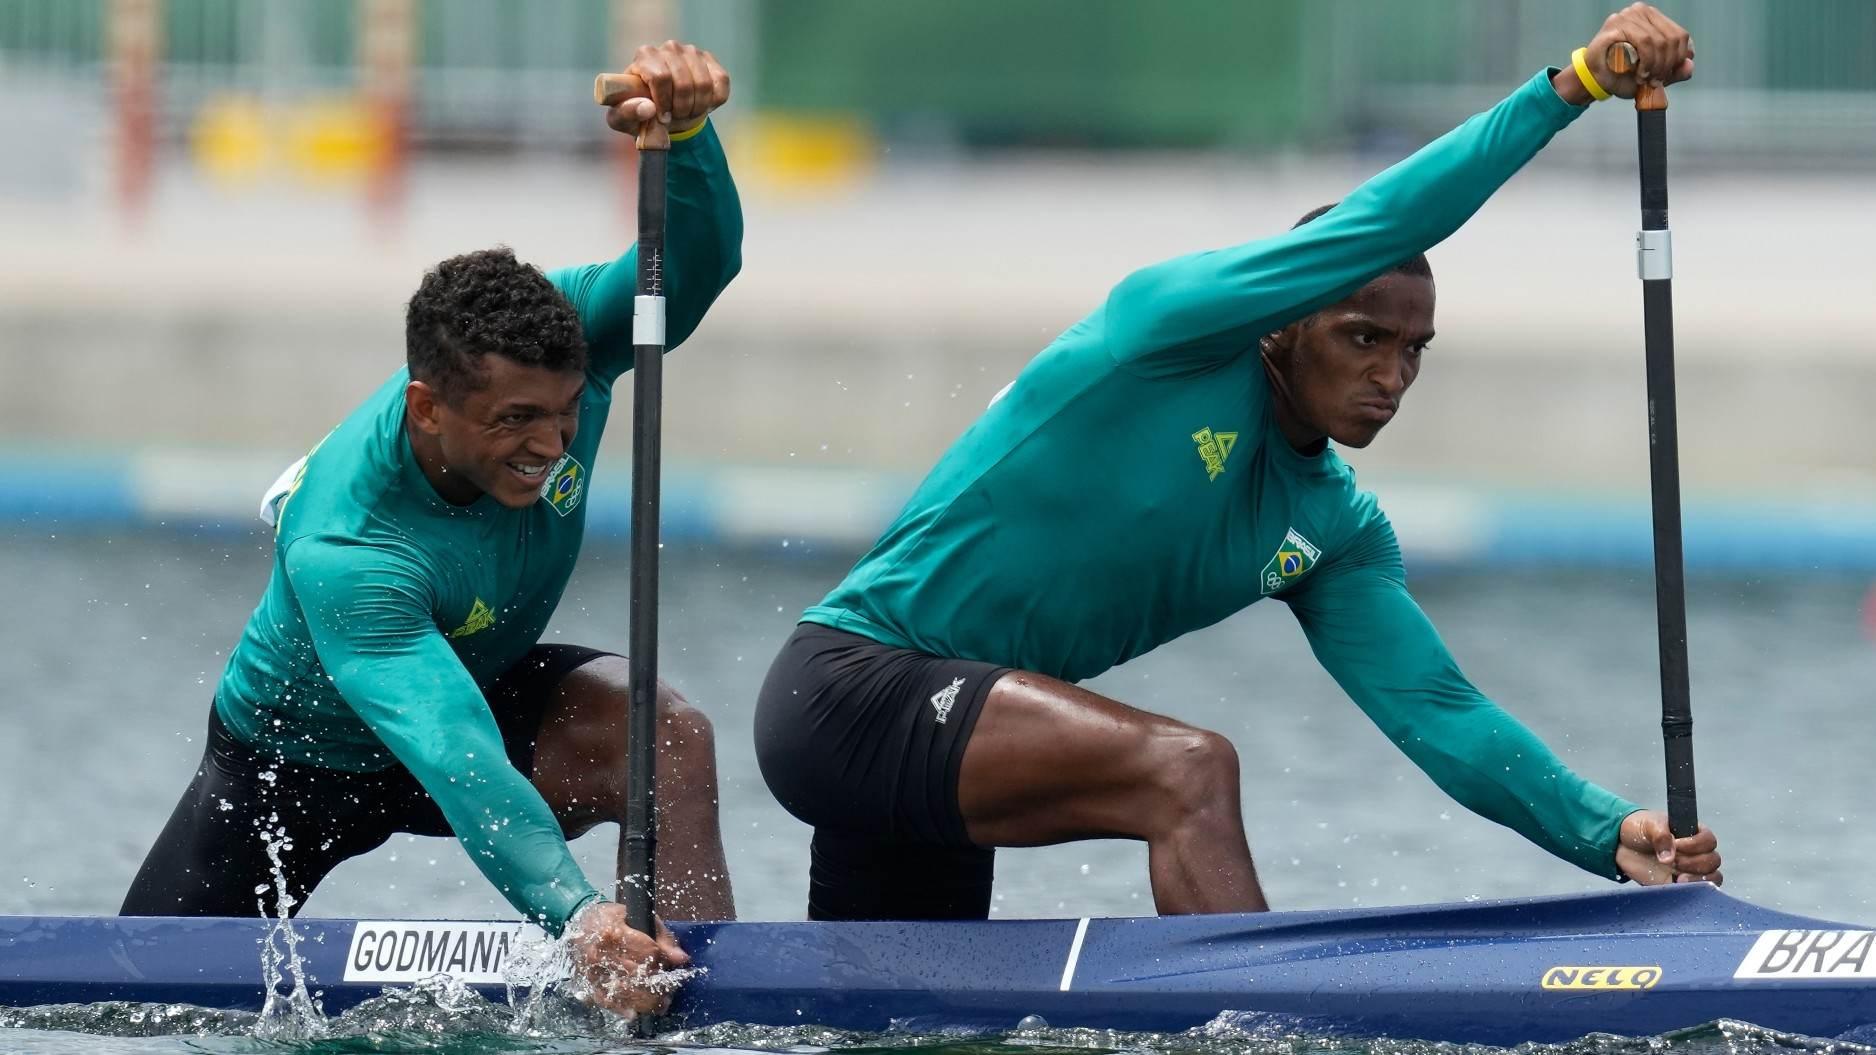 Isaquias e Jacky, da canoagem, nas quartas de final das Olimpíadas